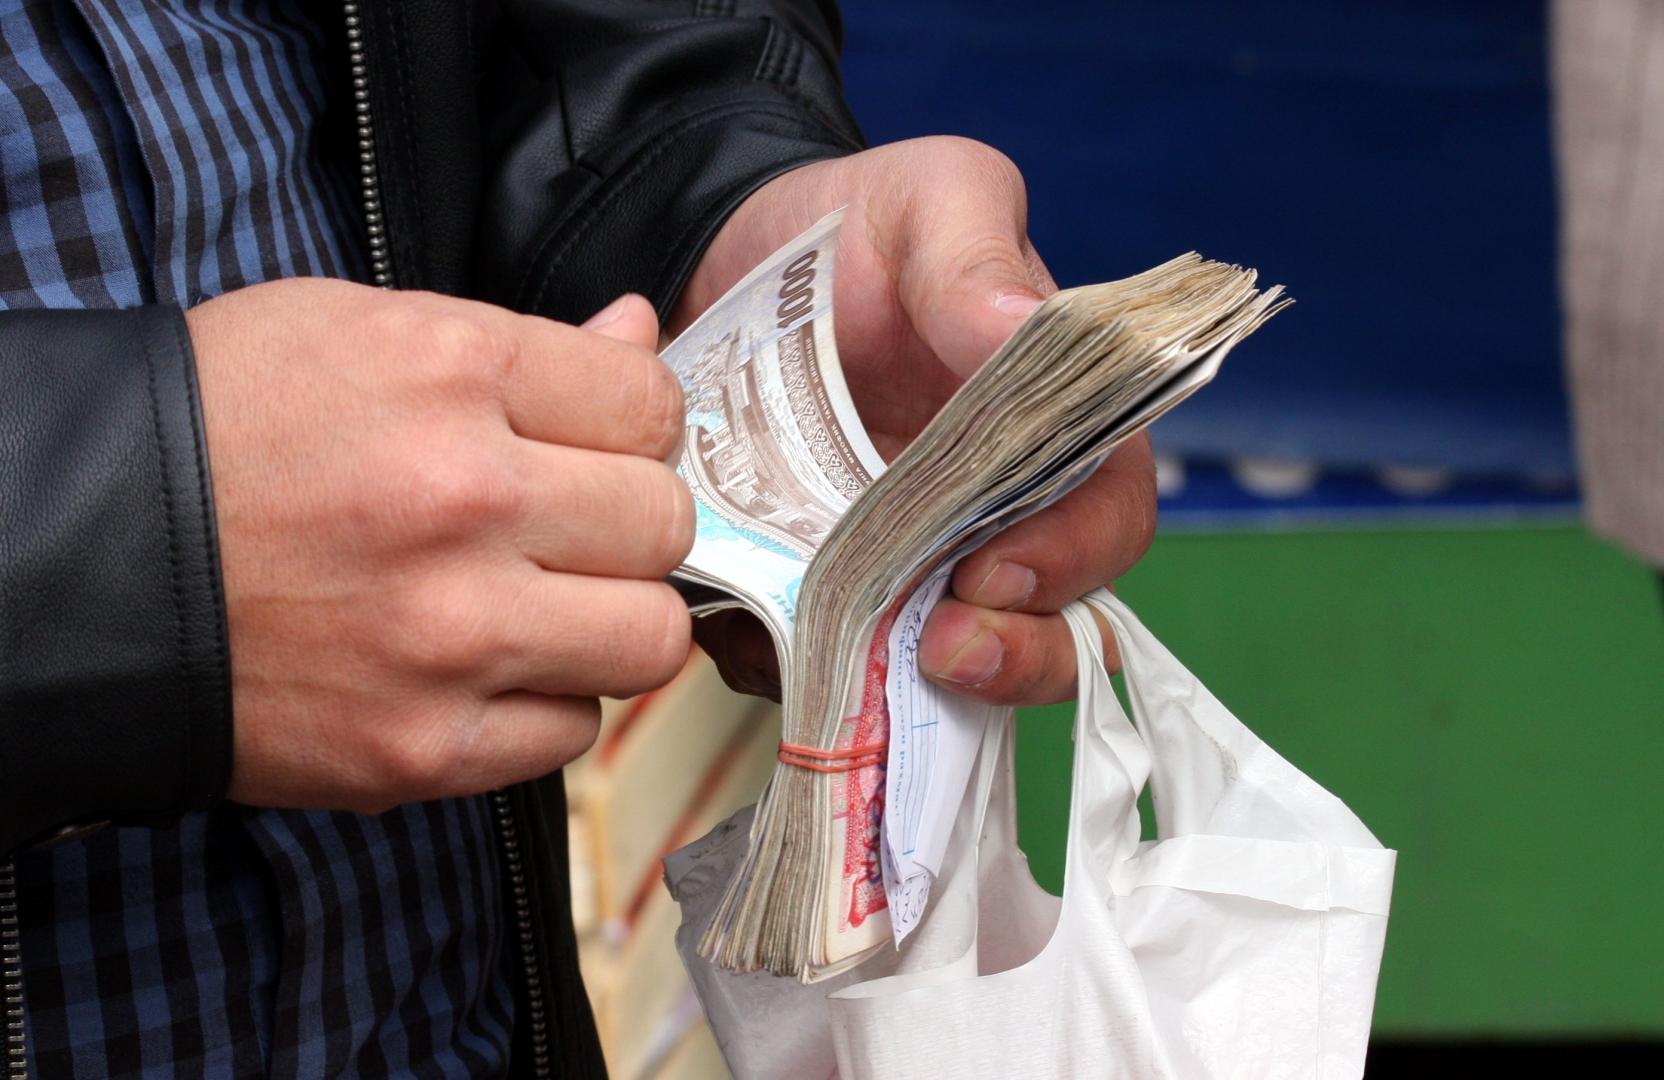 Узбекистанцы стали меньше получать зарплату наличными